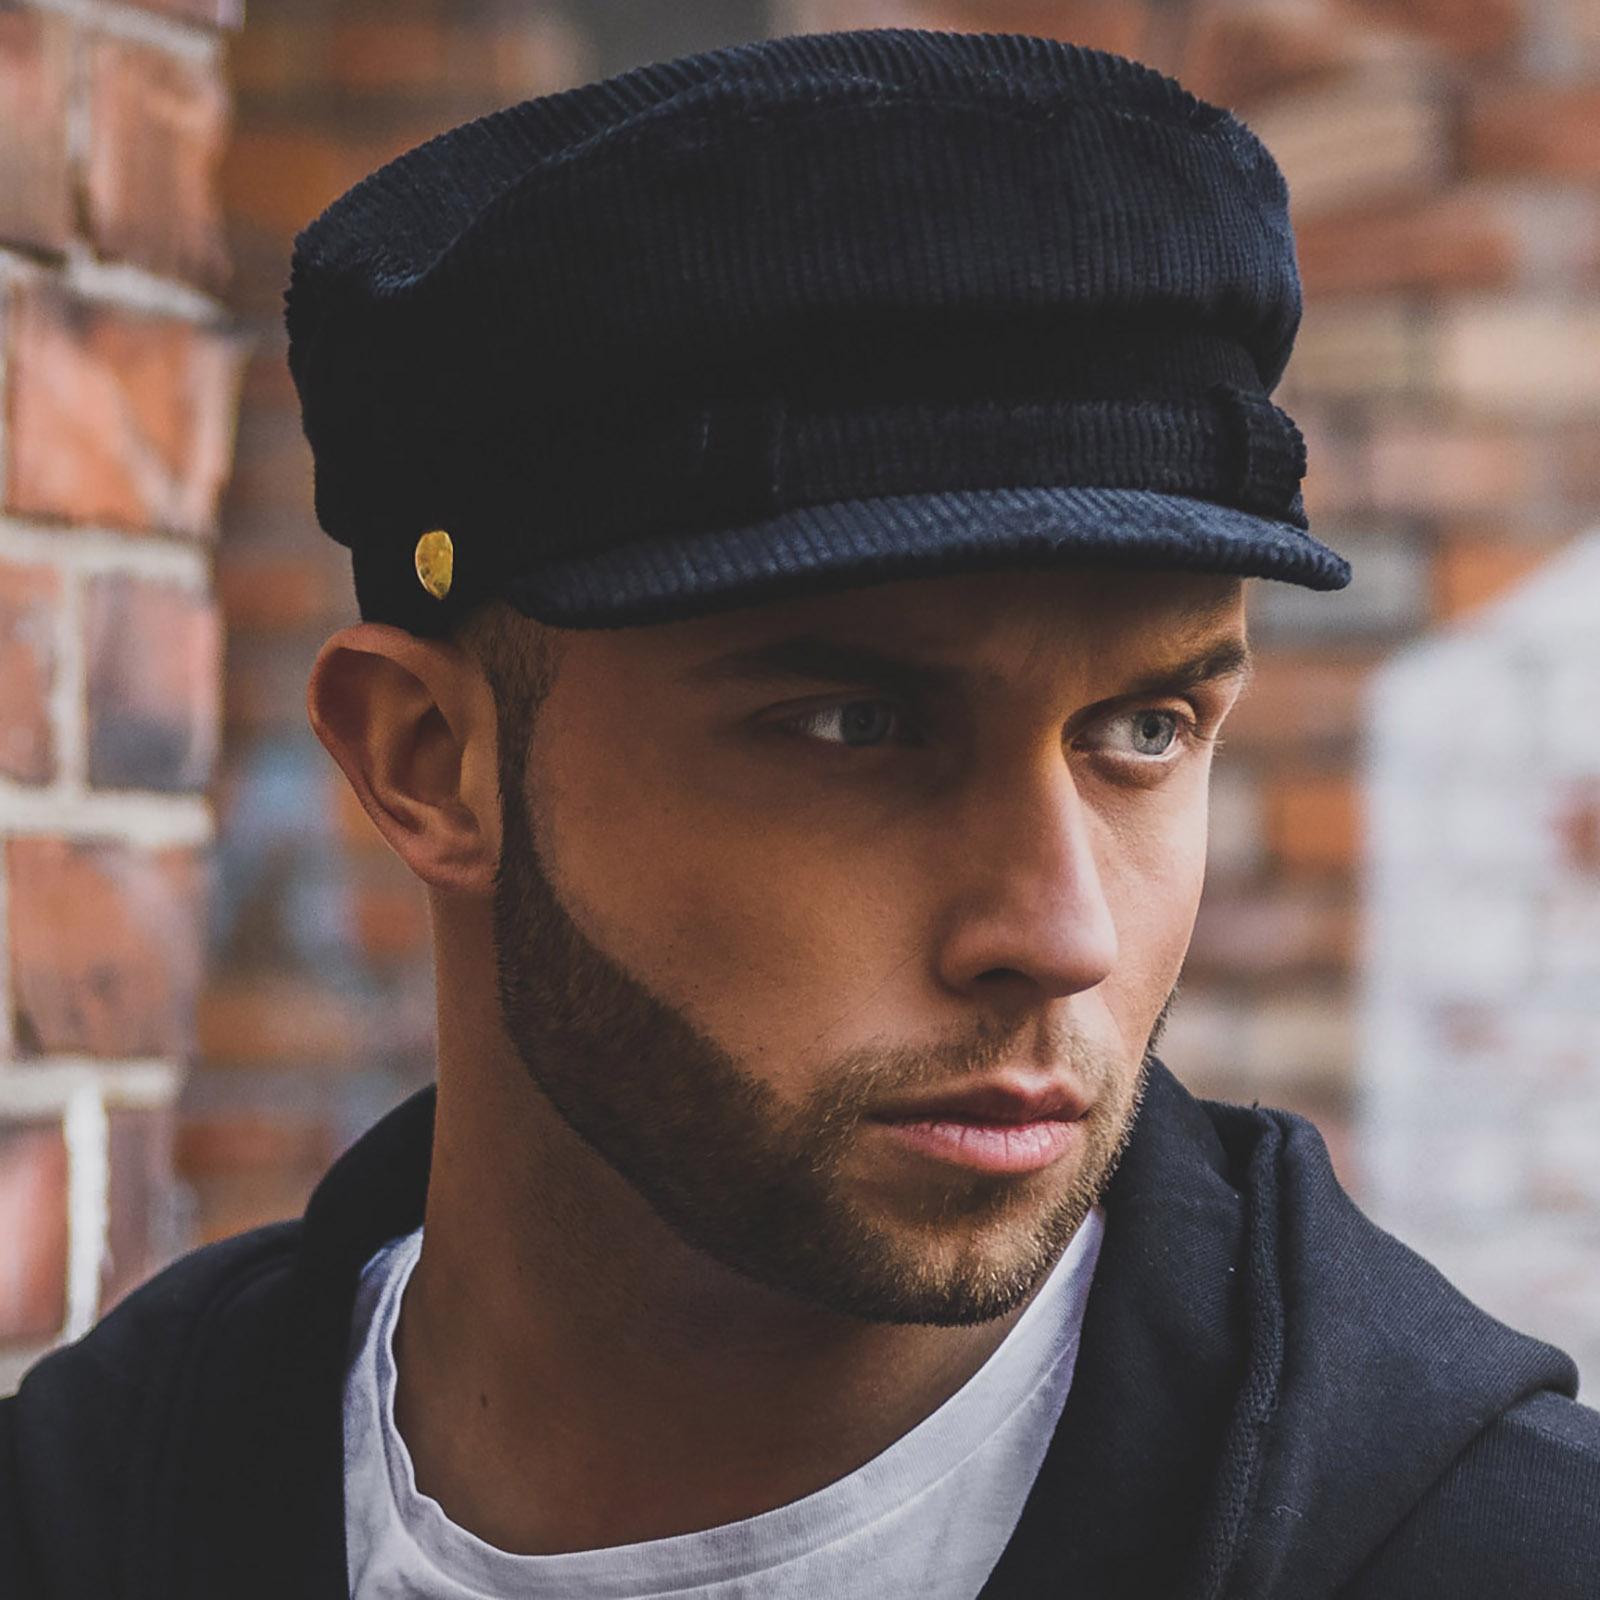 Bawełniana sztruksowa czapka bretonka w stylu Johna Lennona ręcznie szyta